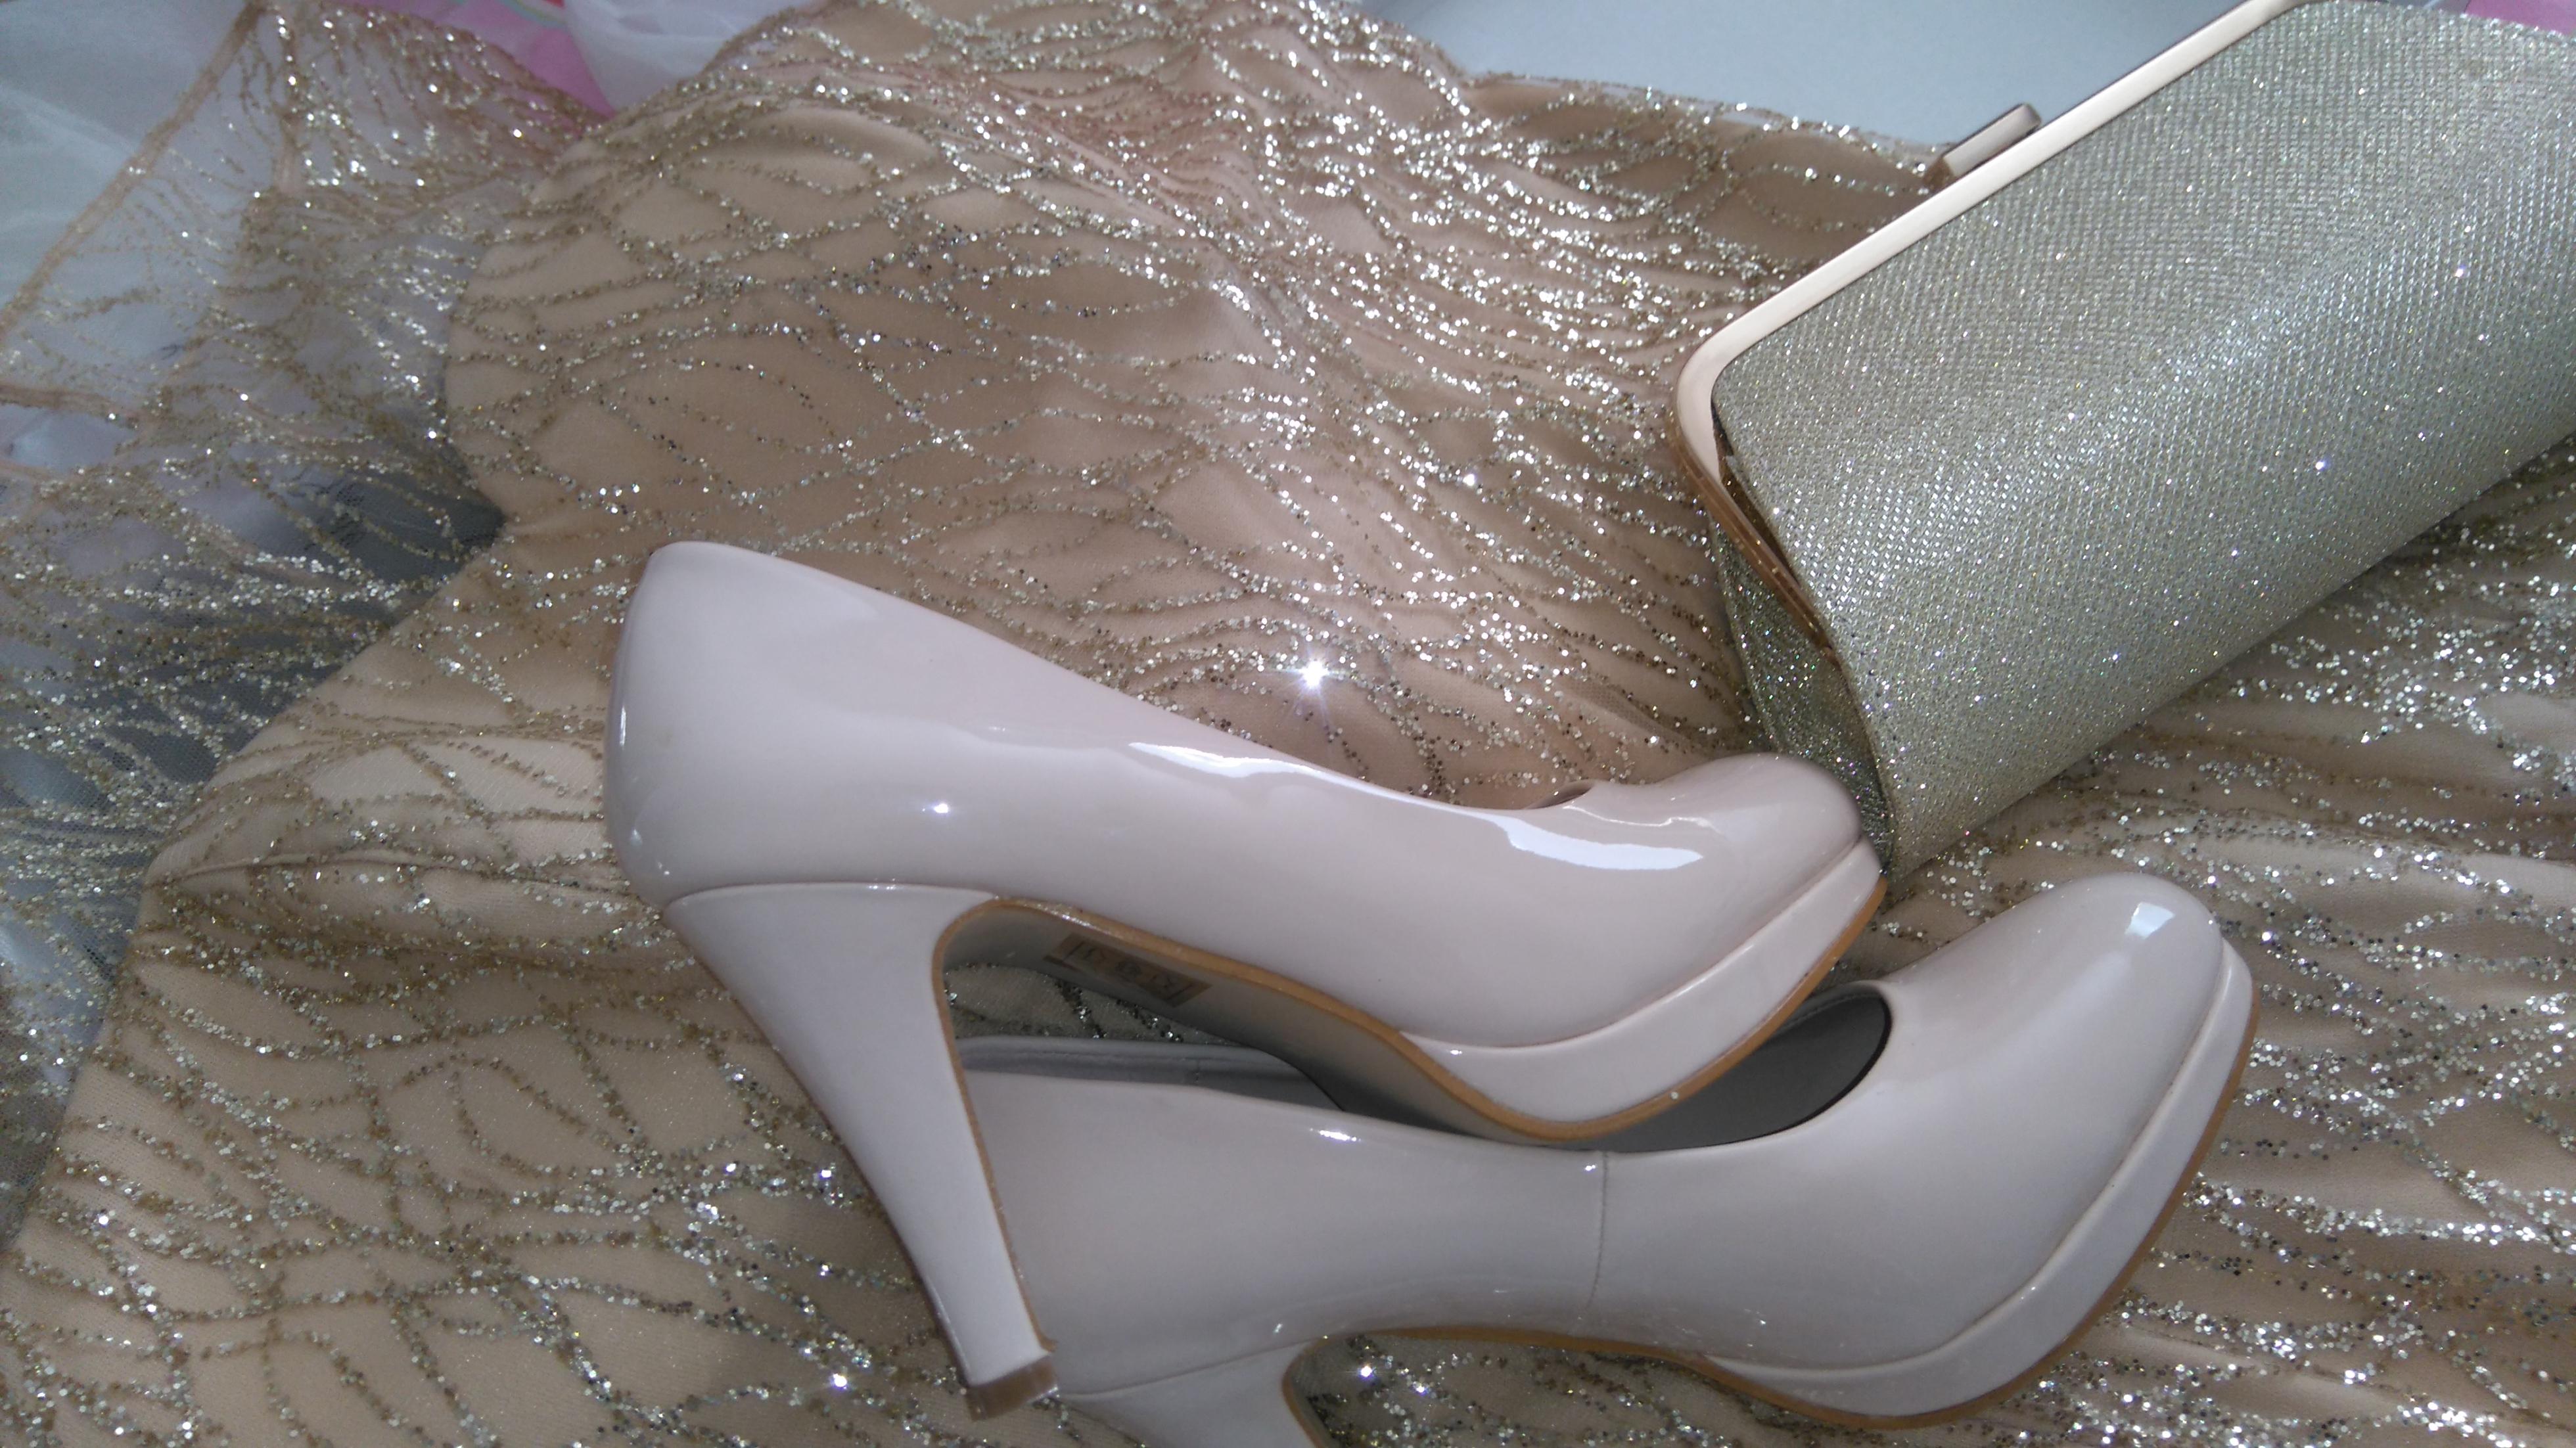 6b6a57392b0f Om jag hade på mig en sådan klänning så skulle jag inte passa i den då jag  helt enkelt inte passar i guld färg eller gillar guldigt. Silver och vitt  guld är ...